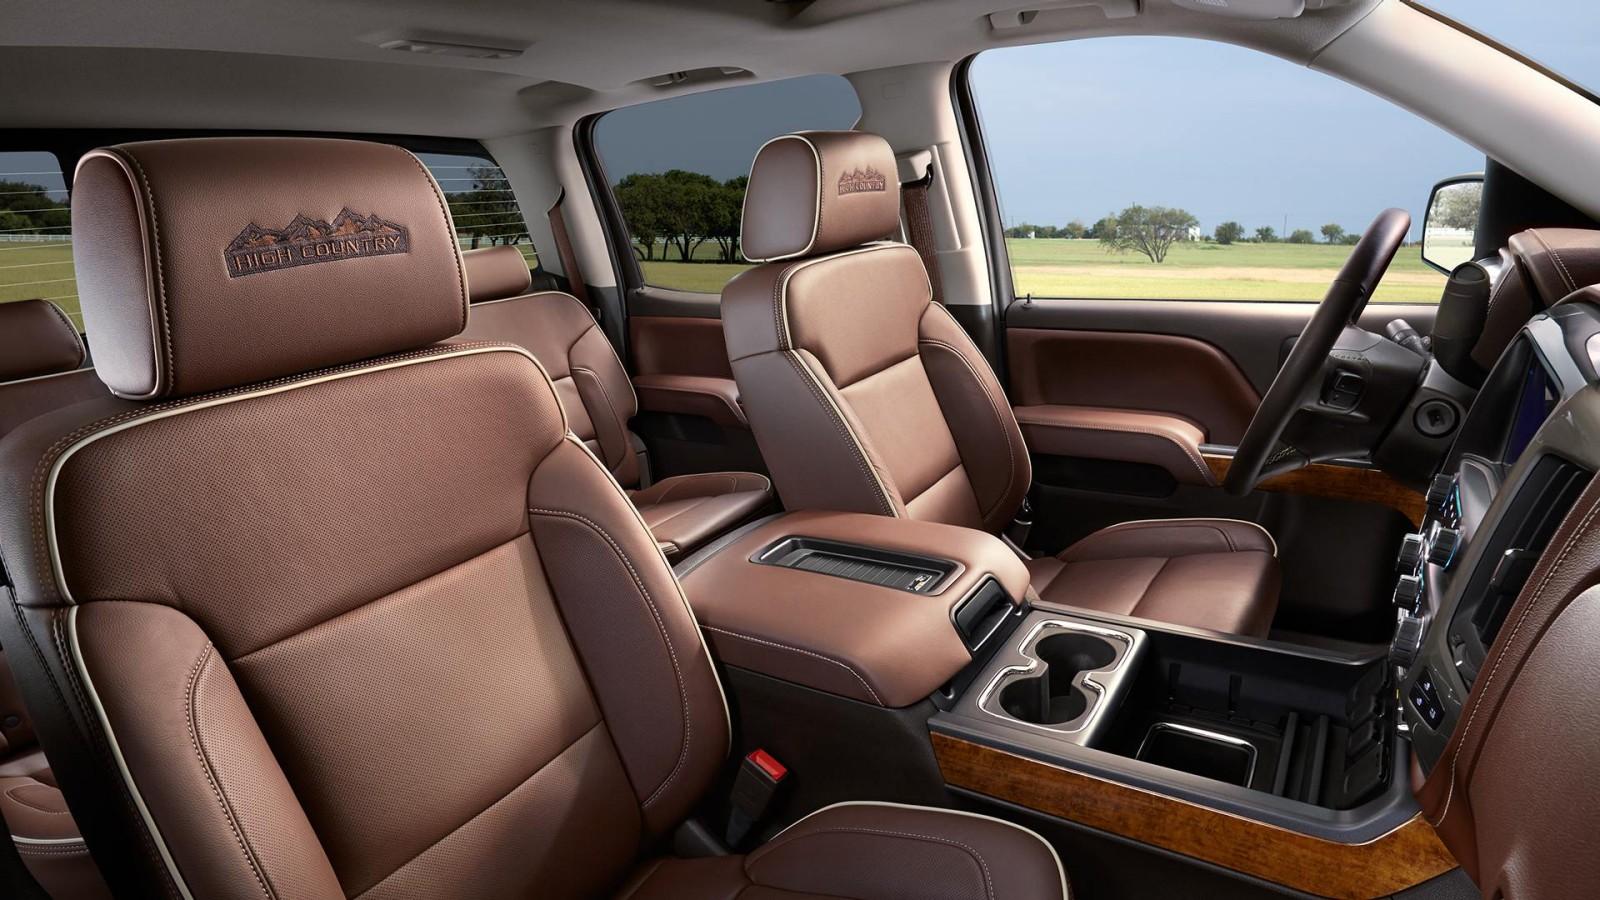 New Chevrolet Silverado 1500 Interior image 2